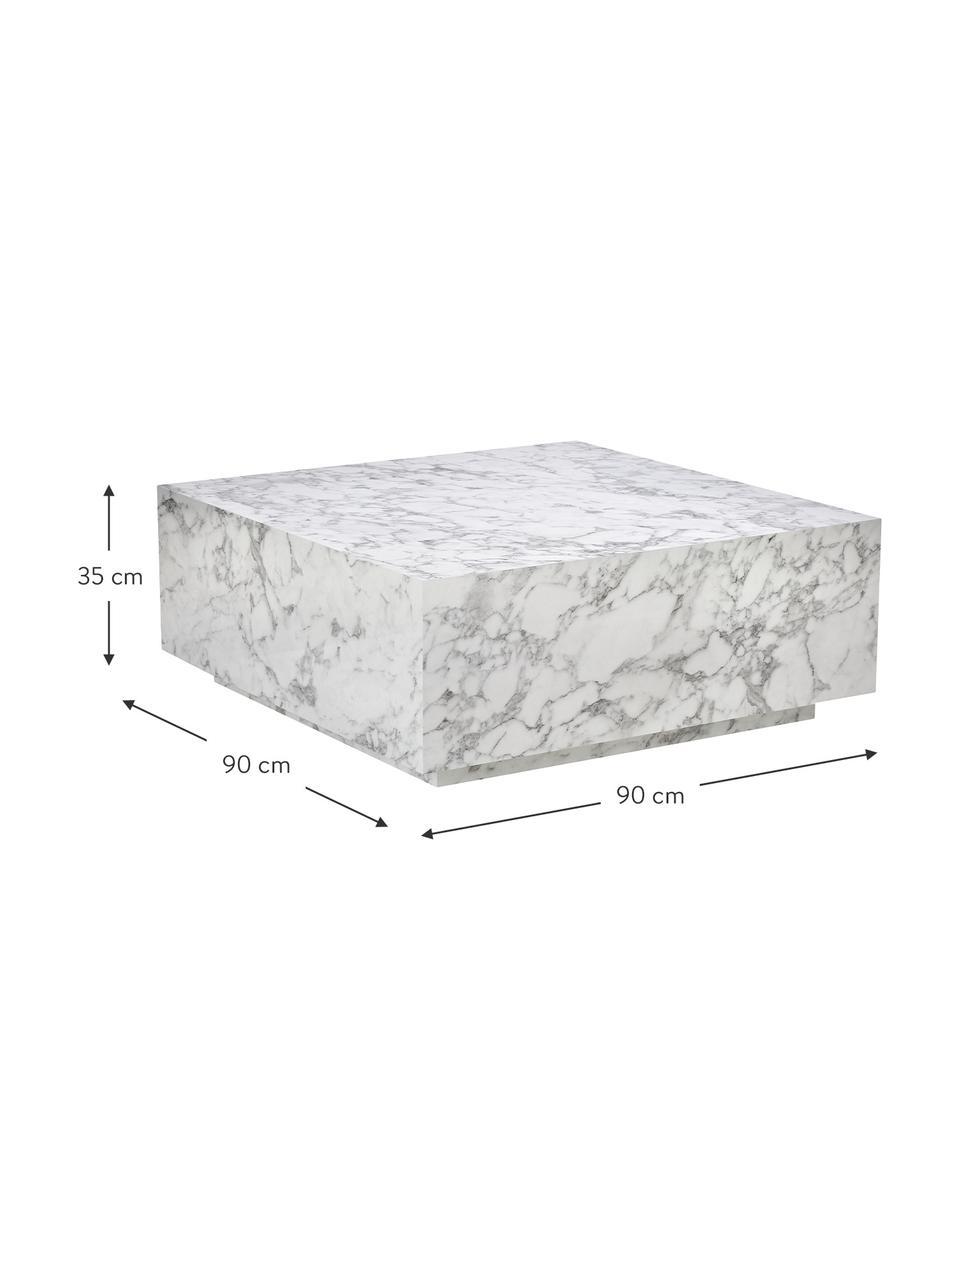 Stolik kawowy z imitacji marmuru Lesley, Płyta pilśniowa średniej gęstości (MDF) pokryta folią melaminową, Biały, marmurowy, błyszczący, S 90 x W 35 cm